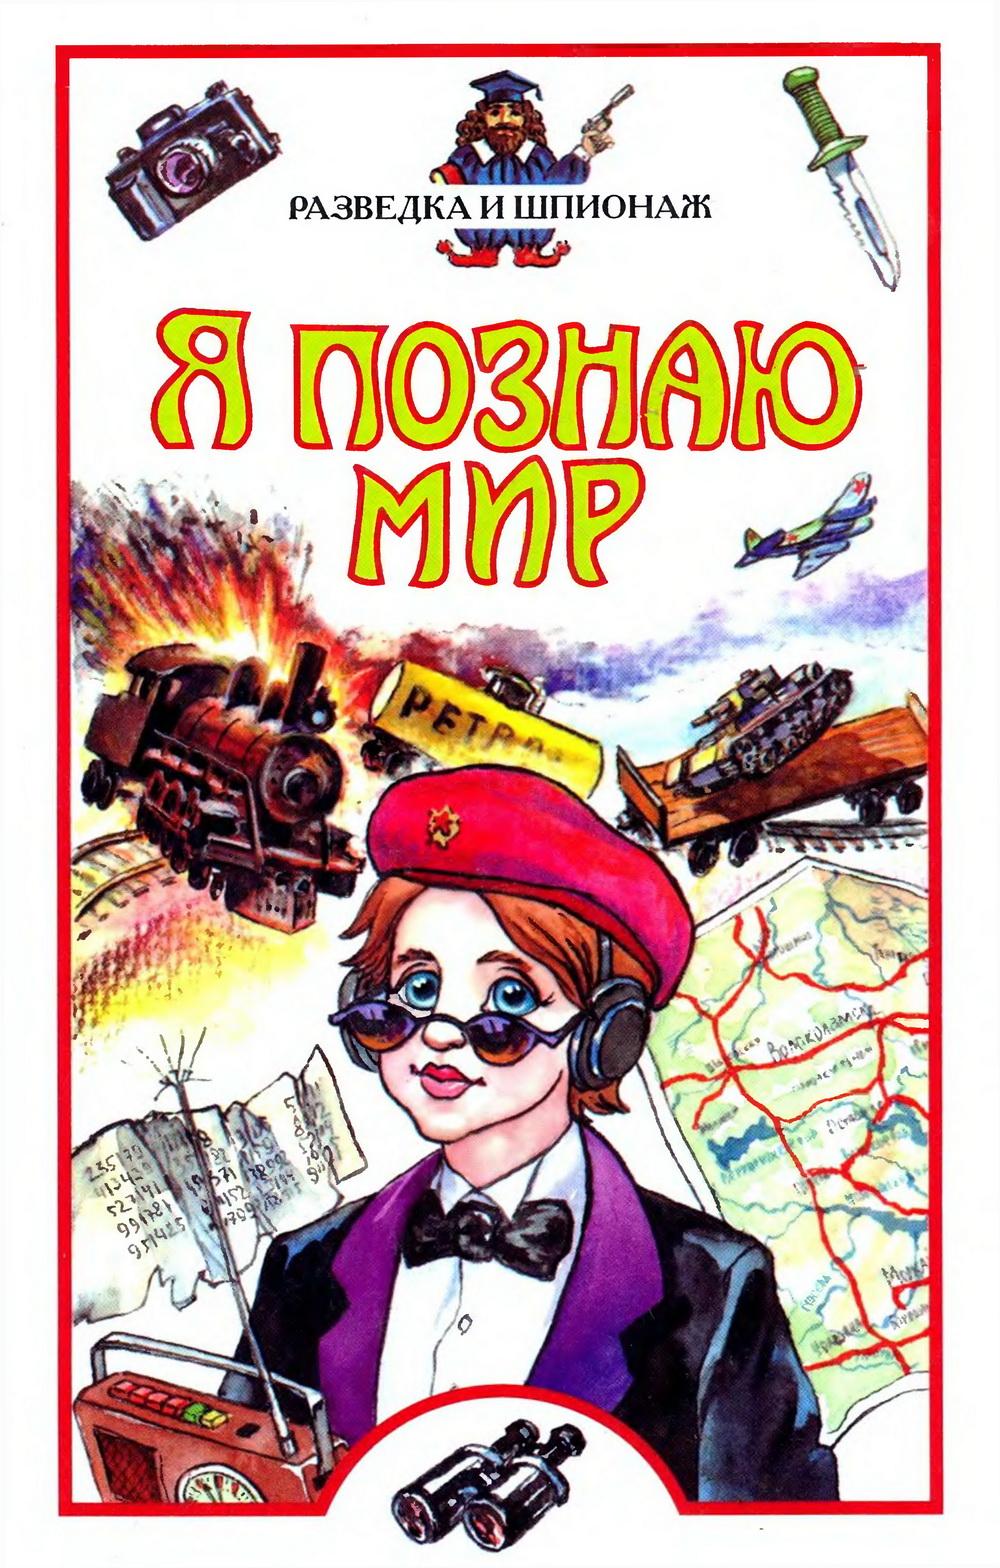 Скачать бесплатно книгу я познаю мир